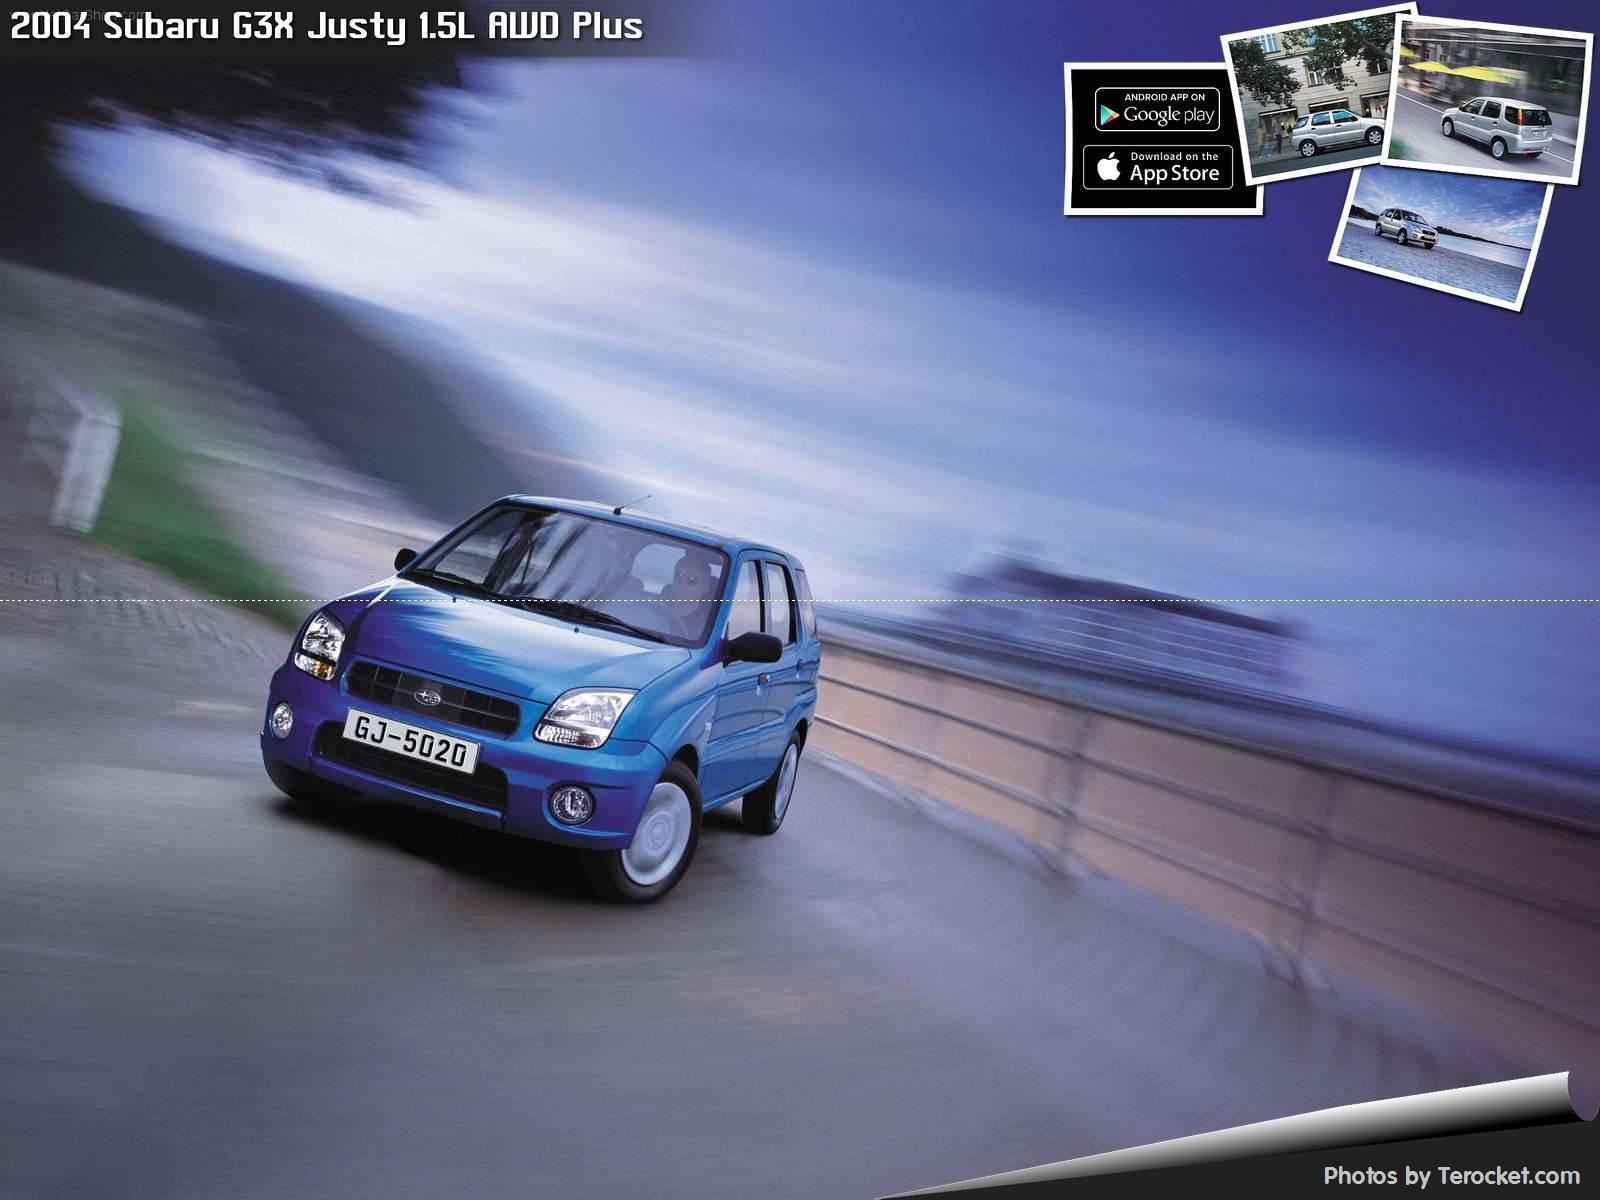 Hình ảnh xe ô tô Subaru G3X Justy 1.5L AWD Plus 2004 & nội ngoại thất